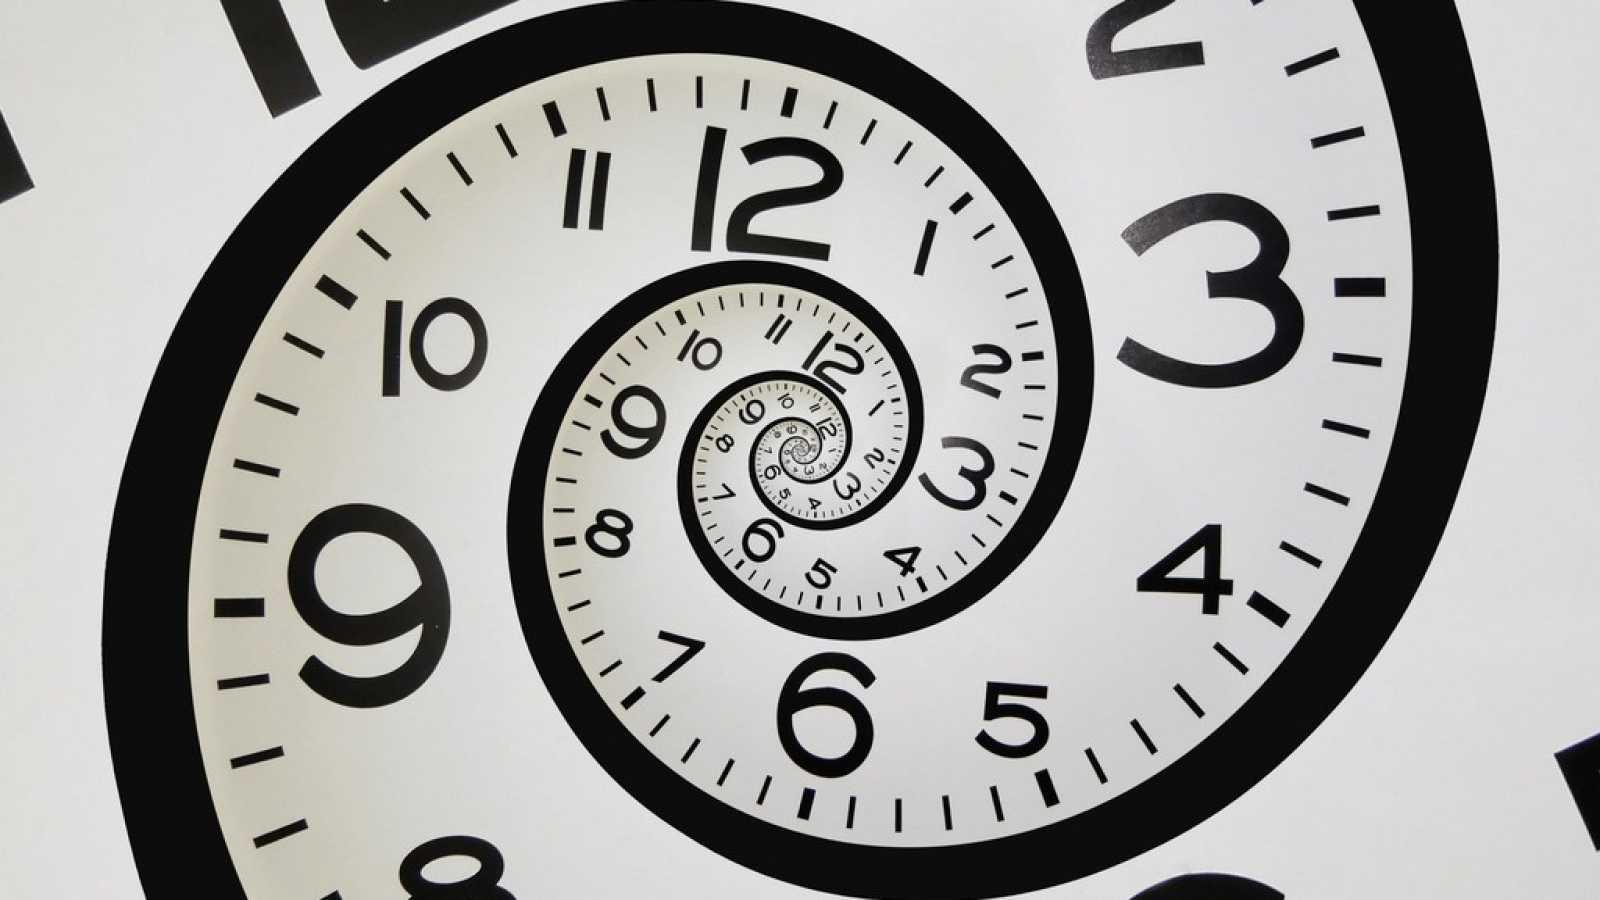 Diez minutos bien empleados - La mentira de las ocho horas - 07/10/19 - Escuchar ahora